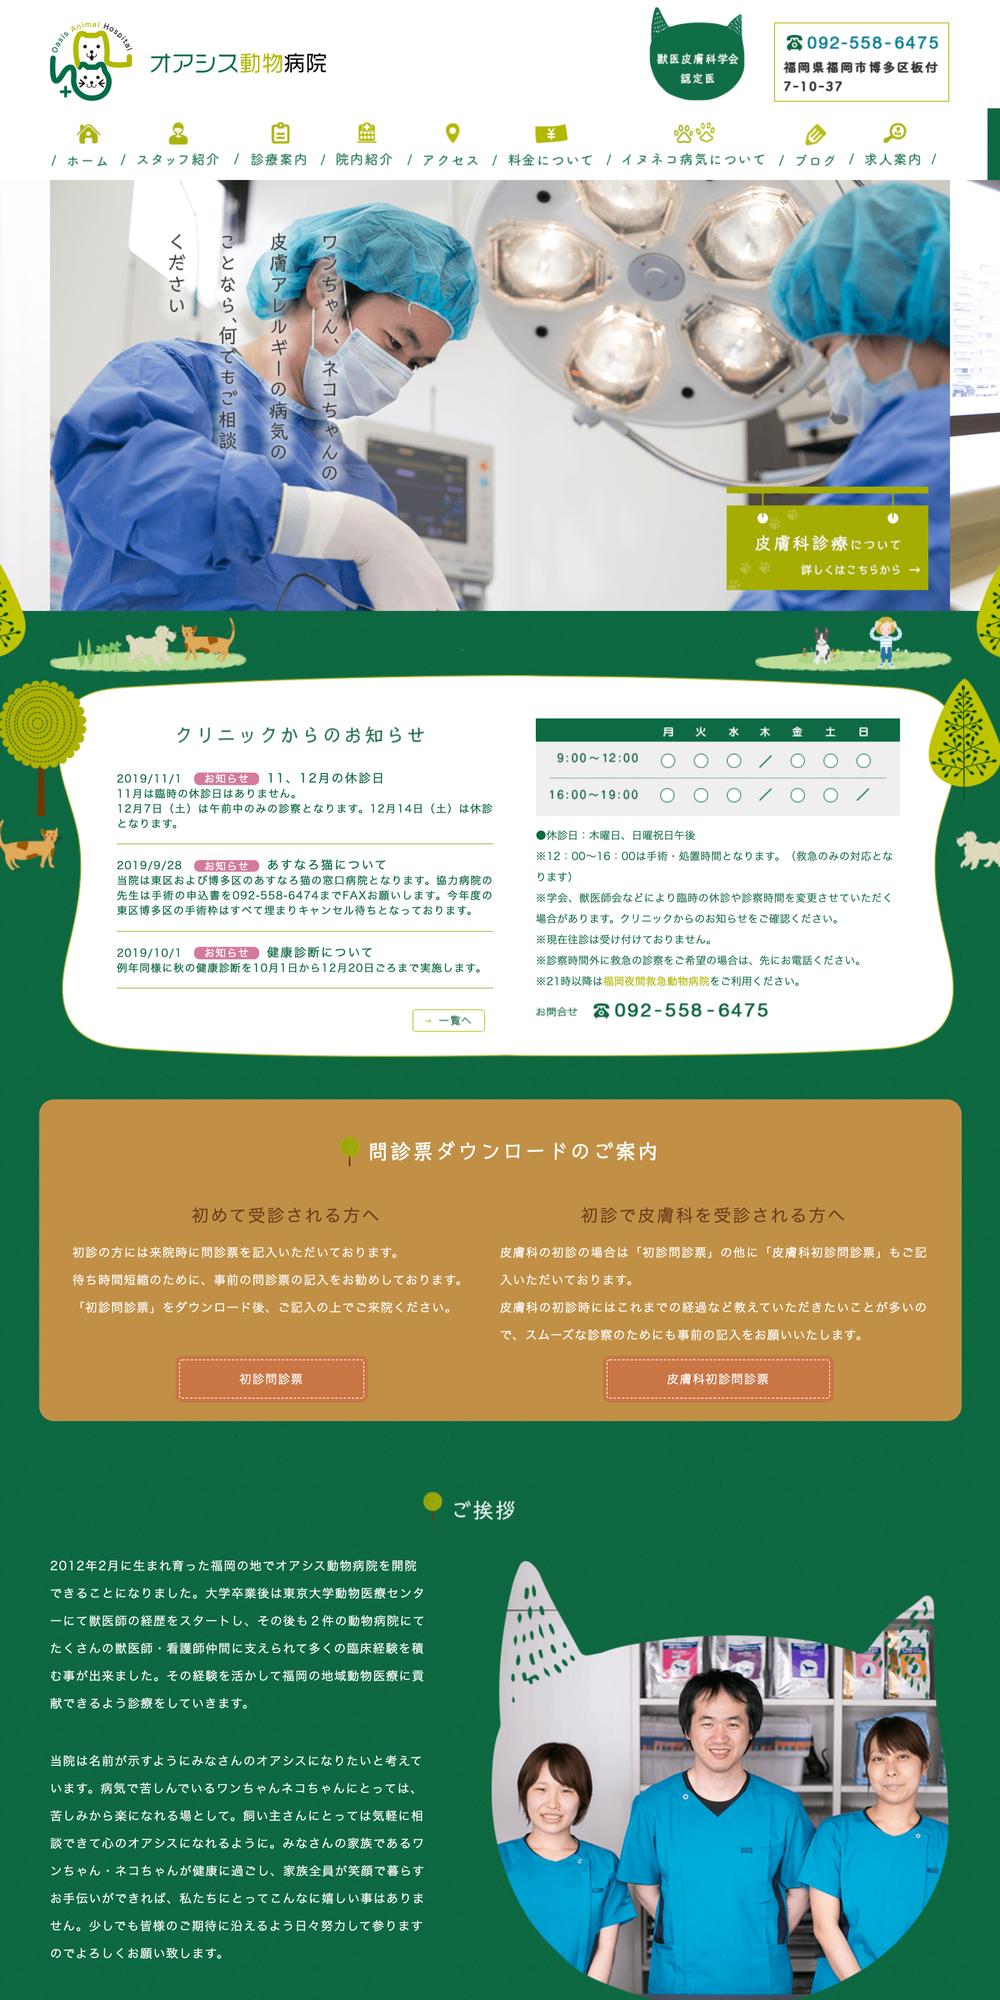 病院 クリニック おしゃれまとめの人気アイデア Pinterest Taro Sanko Lp デザイン 病院 クリニック